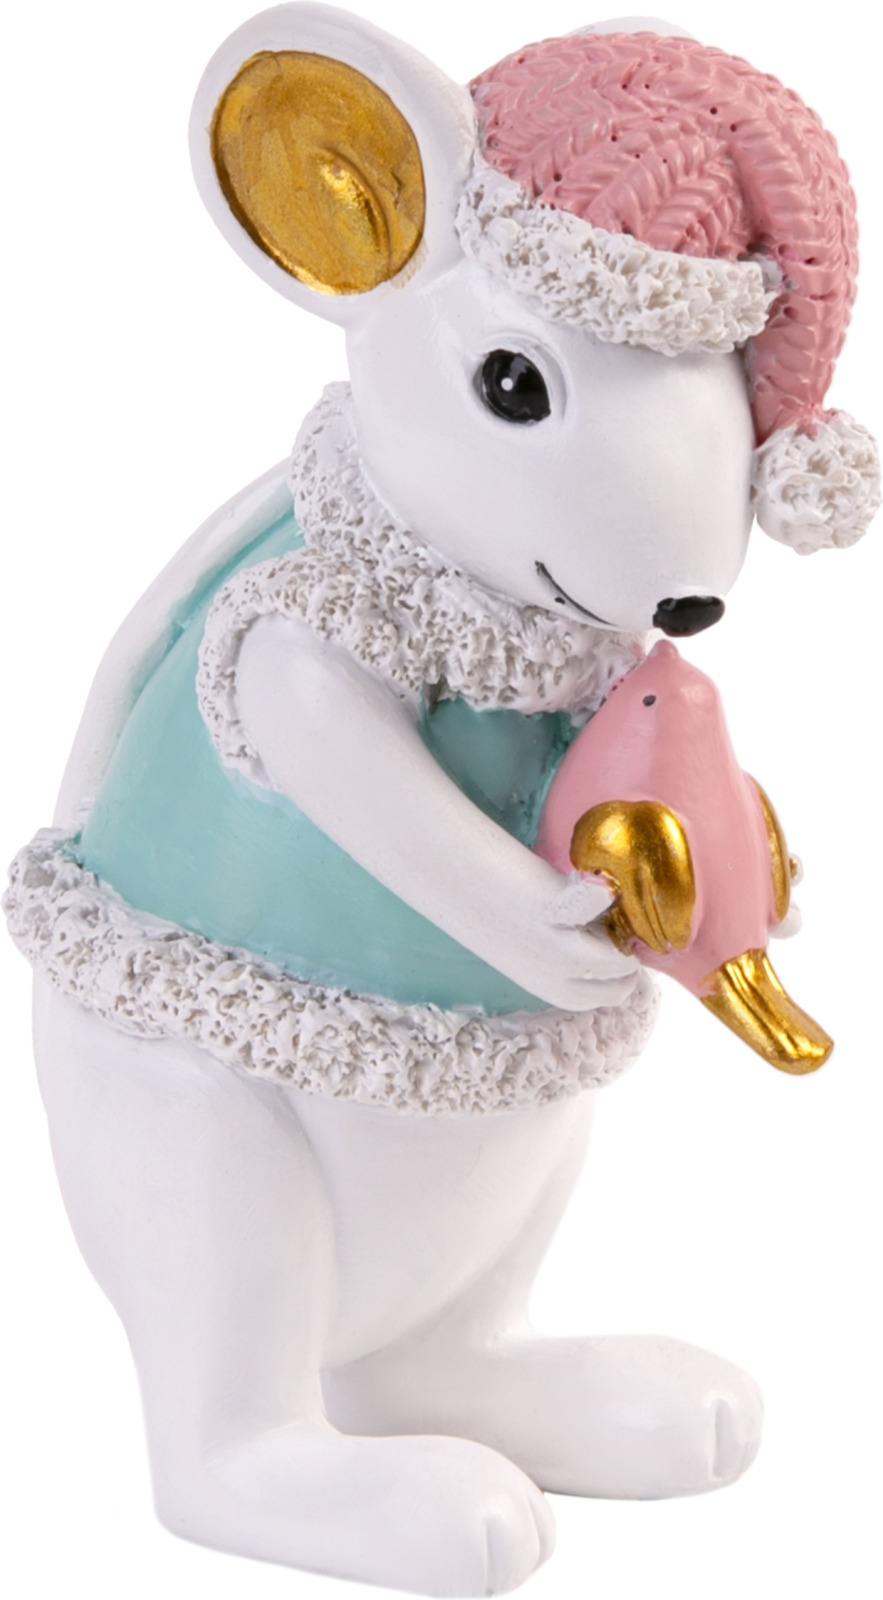 Фигурка декоративная Magic Time Мышка с птичкой, 80063, разноцветный, 8,5 х 3,5 4 см